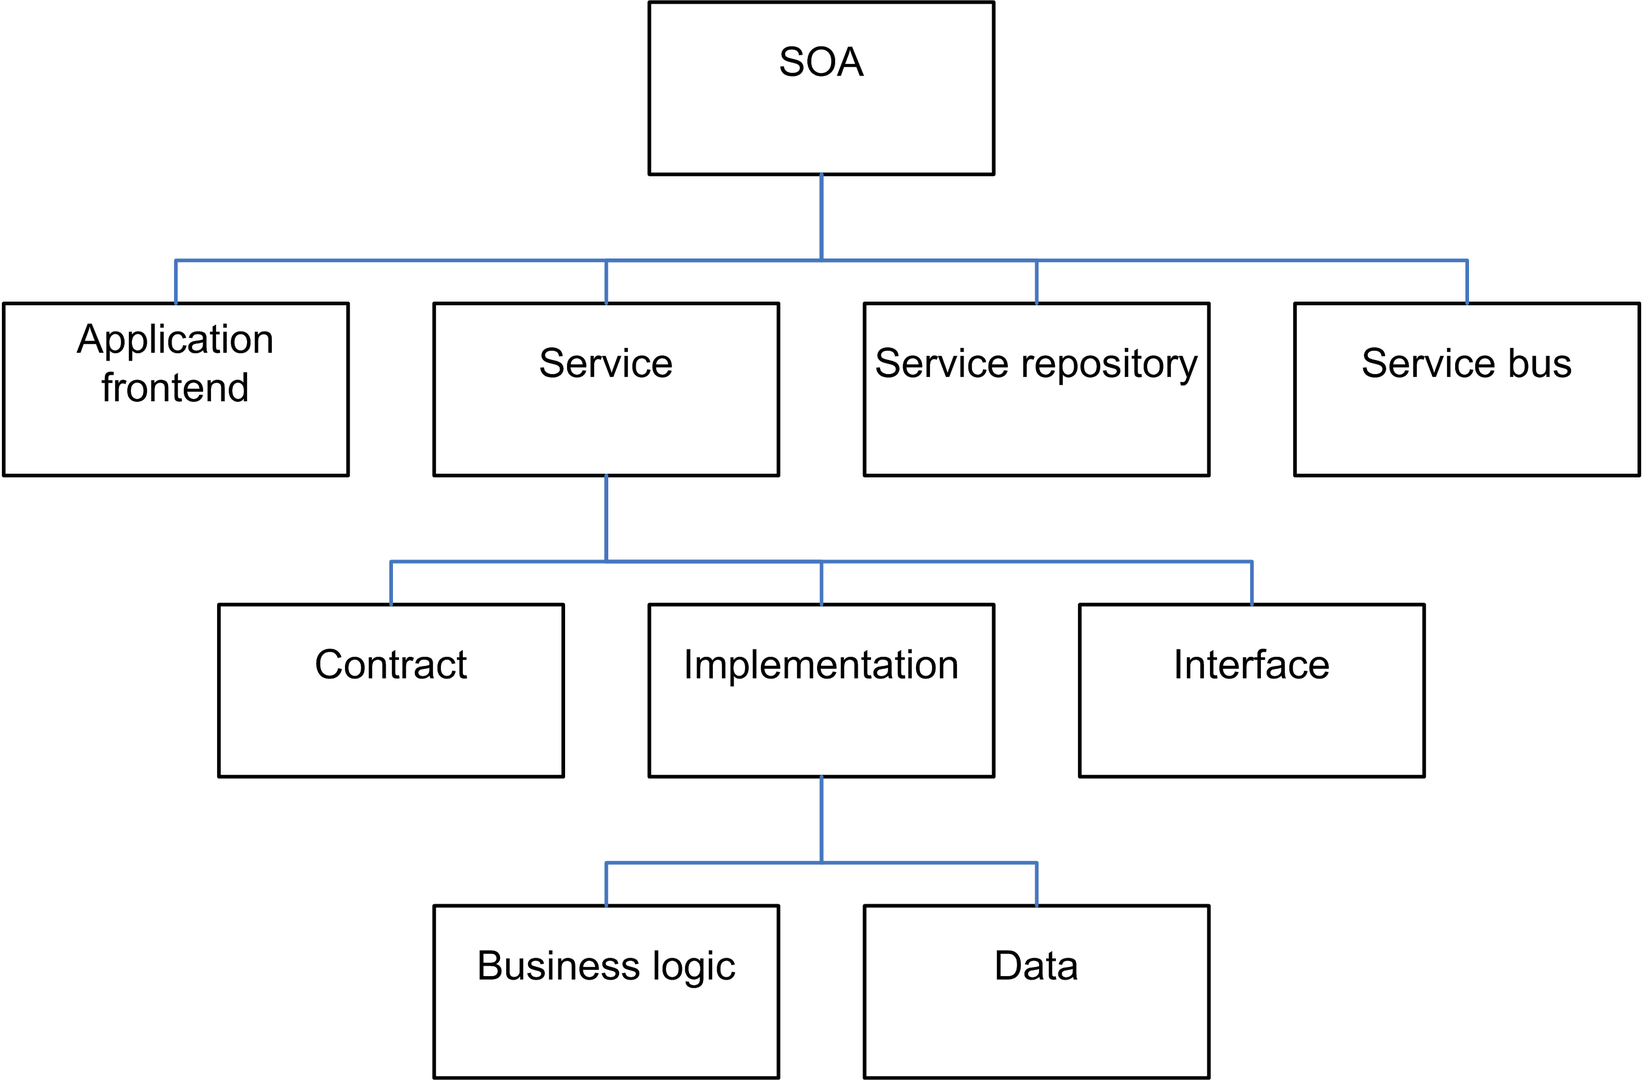 SOA的元素,由Dirk Krafzig,Karl Banke和Dirk Slama撰写